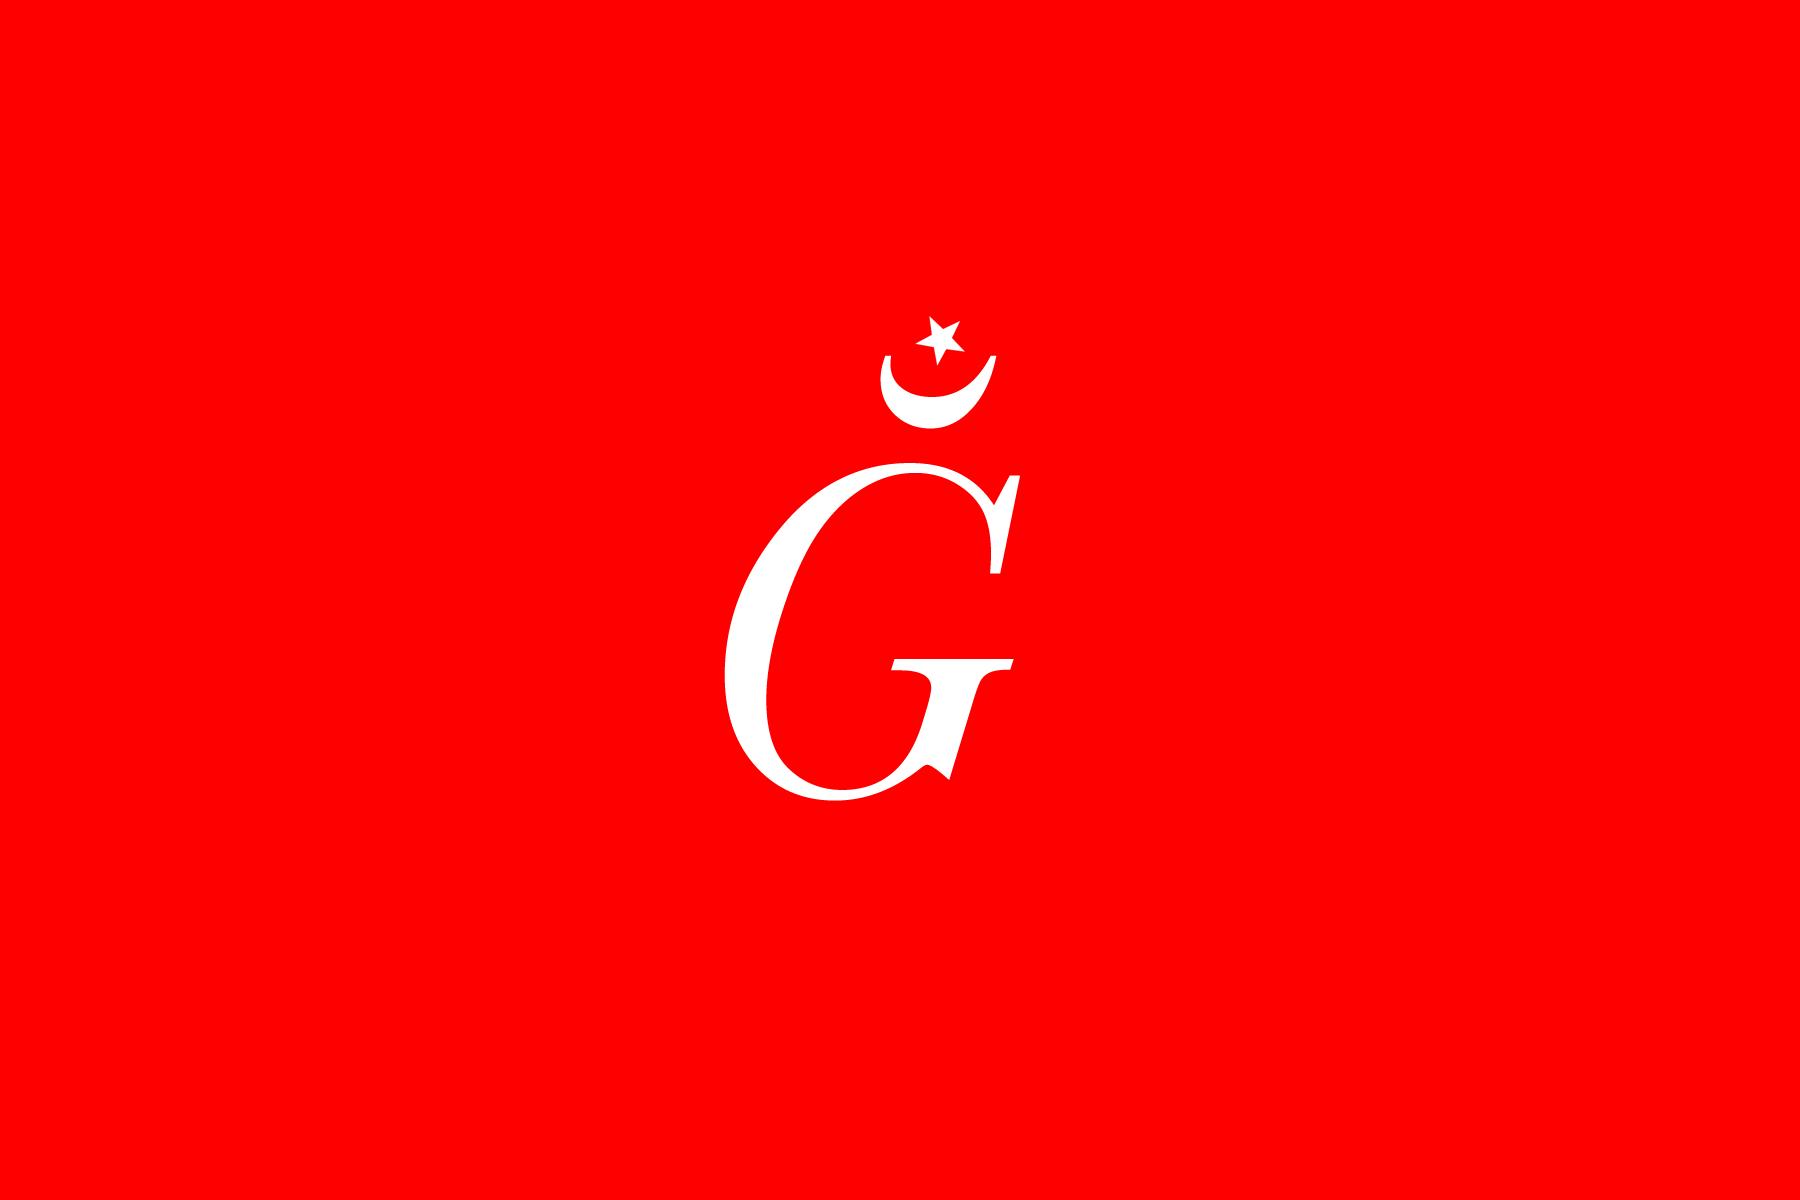 Türkçe karakterler arasında en bize has olanı yumuşak G.